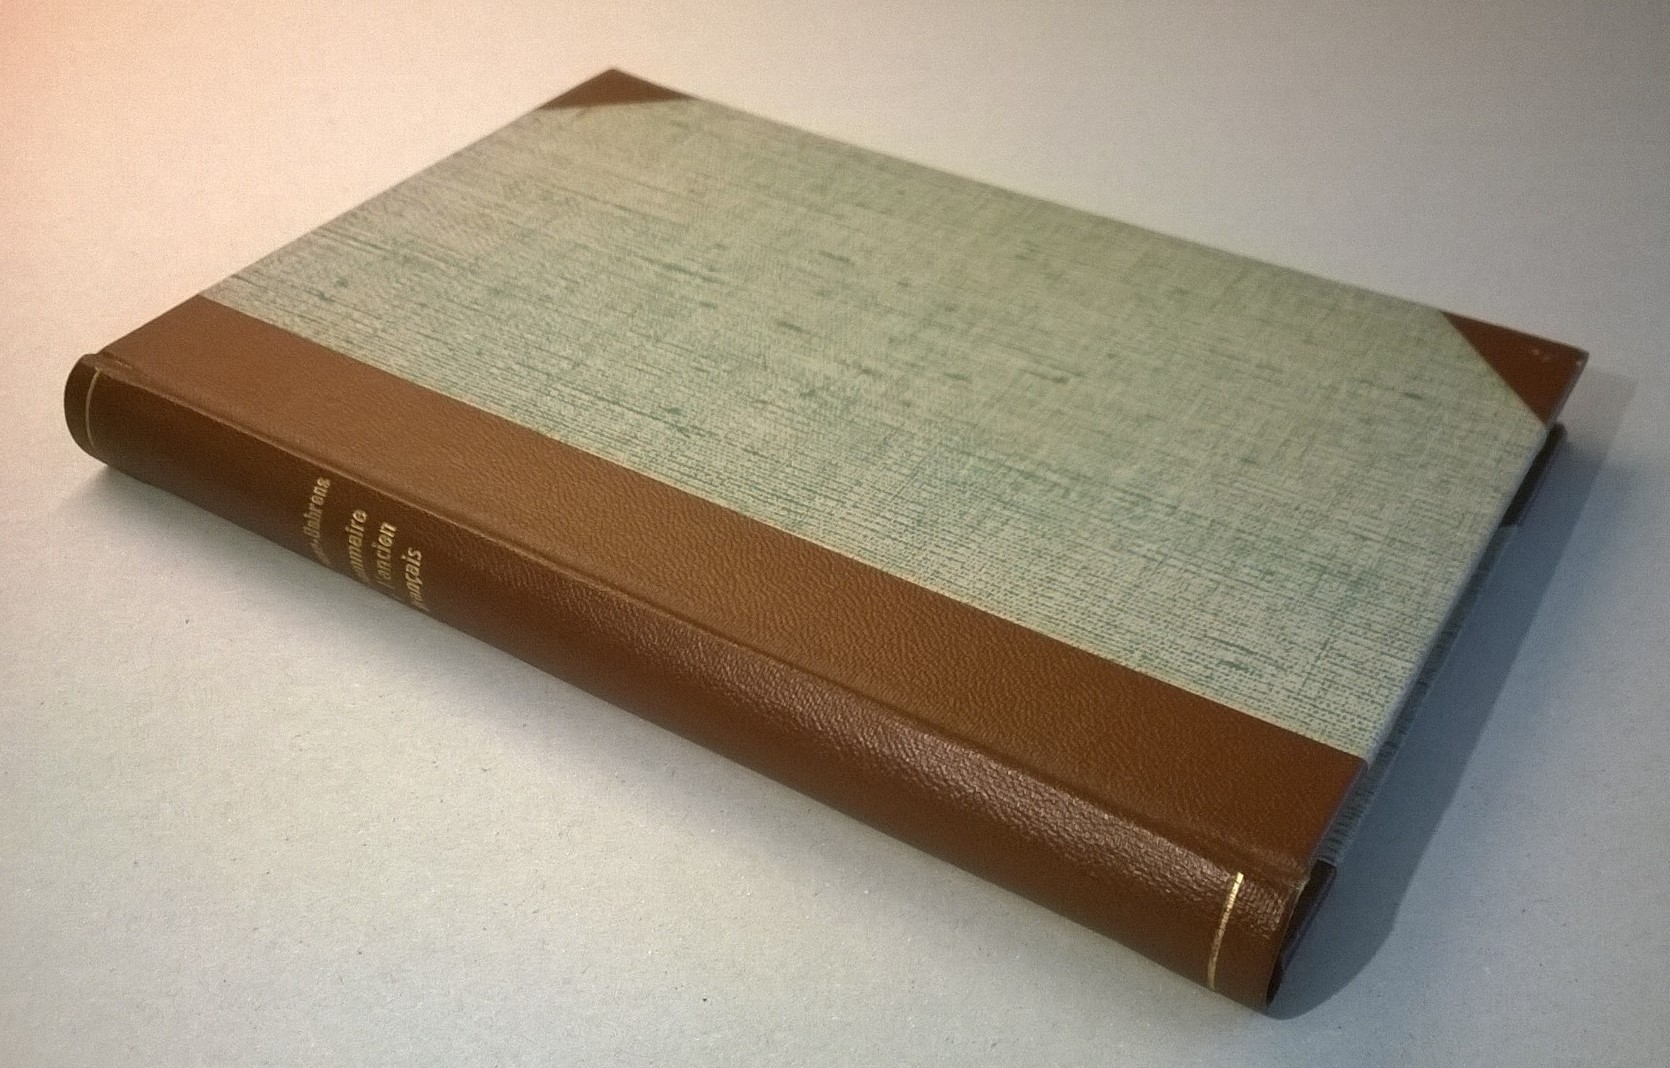 Schwan-Behrens Grammaire de l'ancien français: Traduction française d'après la quatrième édition allemande par Oscar Bloch